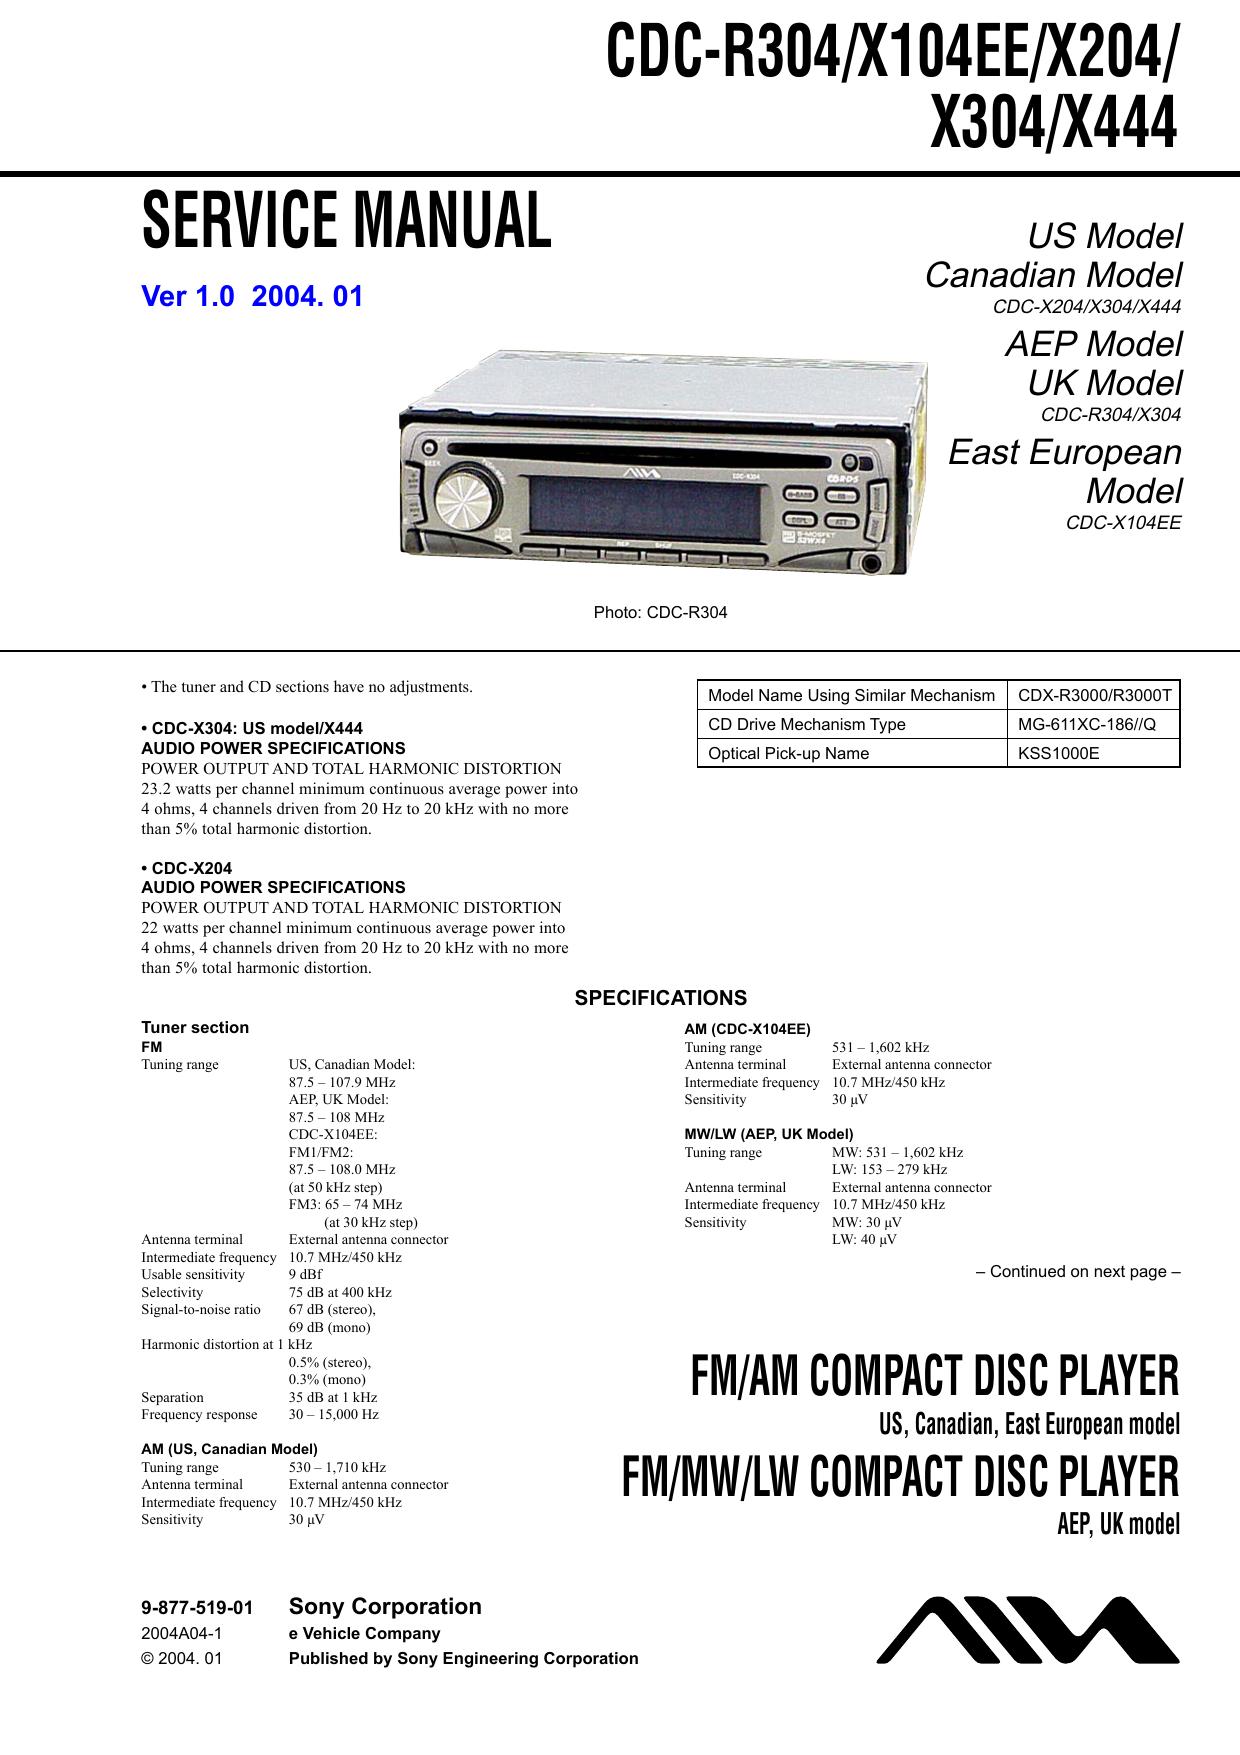 Sony Cdc X304 Wiring Diagram